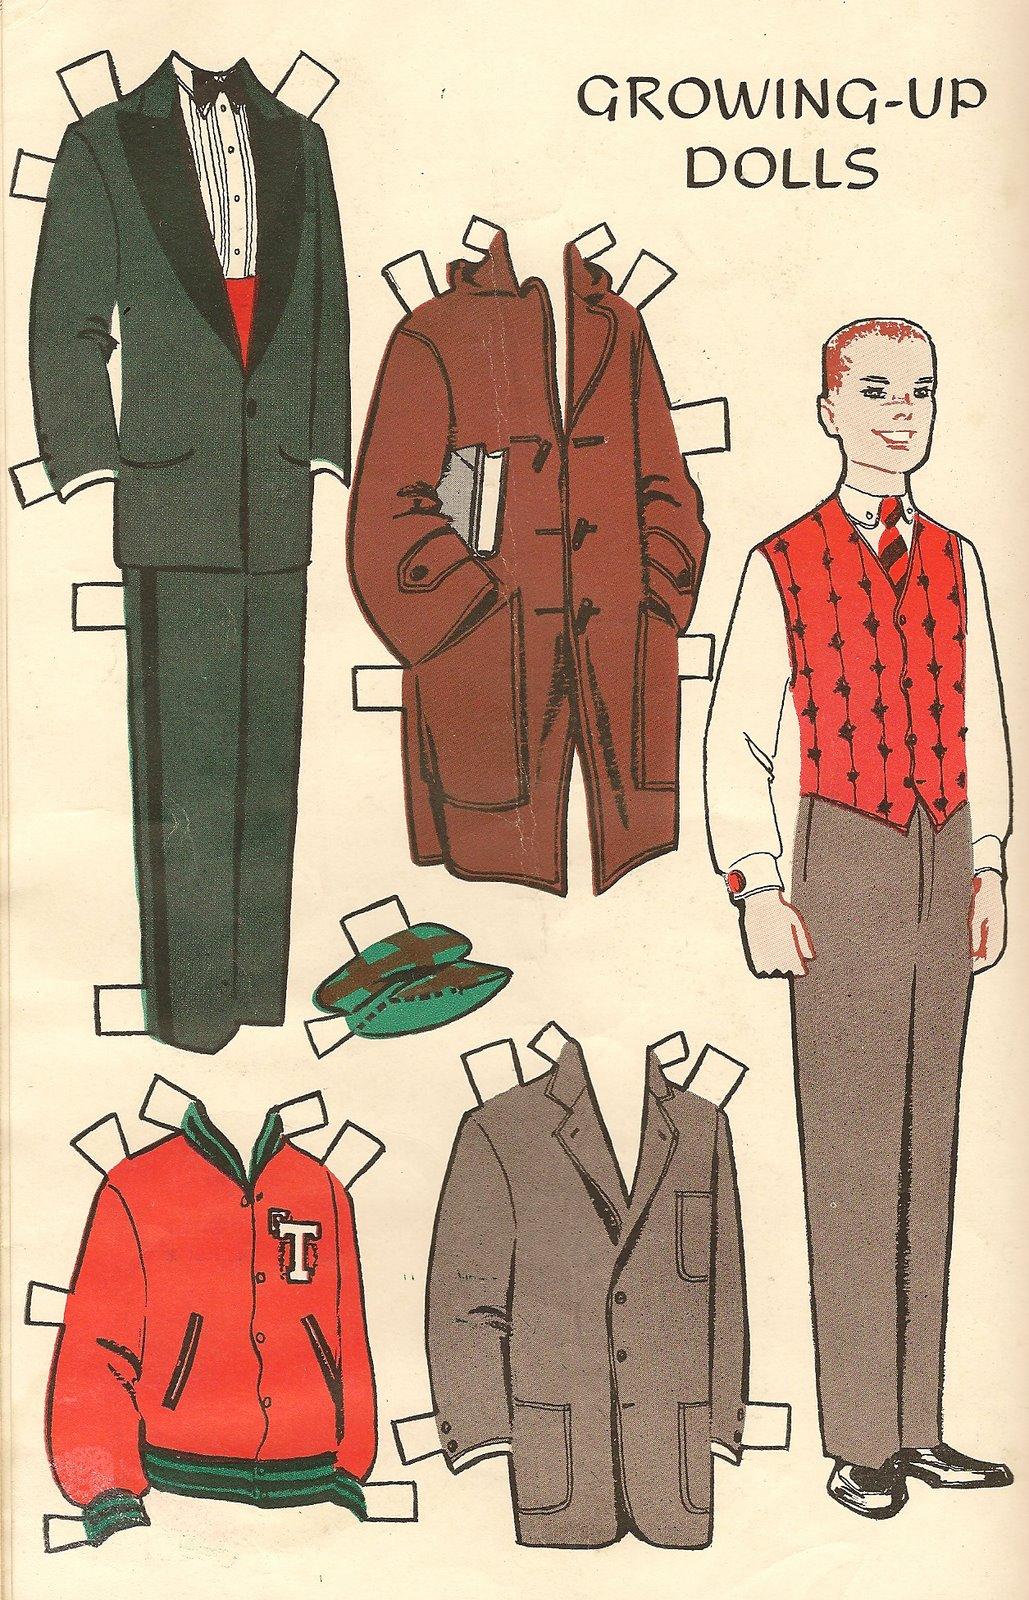 http://3.bp.blogspot.com/--SXrgZlAHbg/UGaWhtL_pZI/AAAAAAAAAe4/HguMqMF3kNQ/s1600/vintage-man-paper-doll.jpg